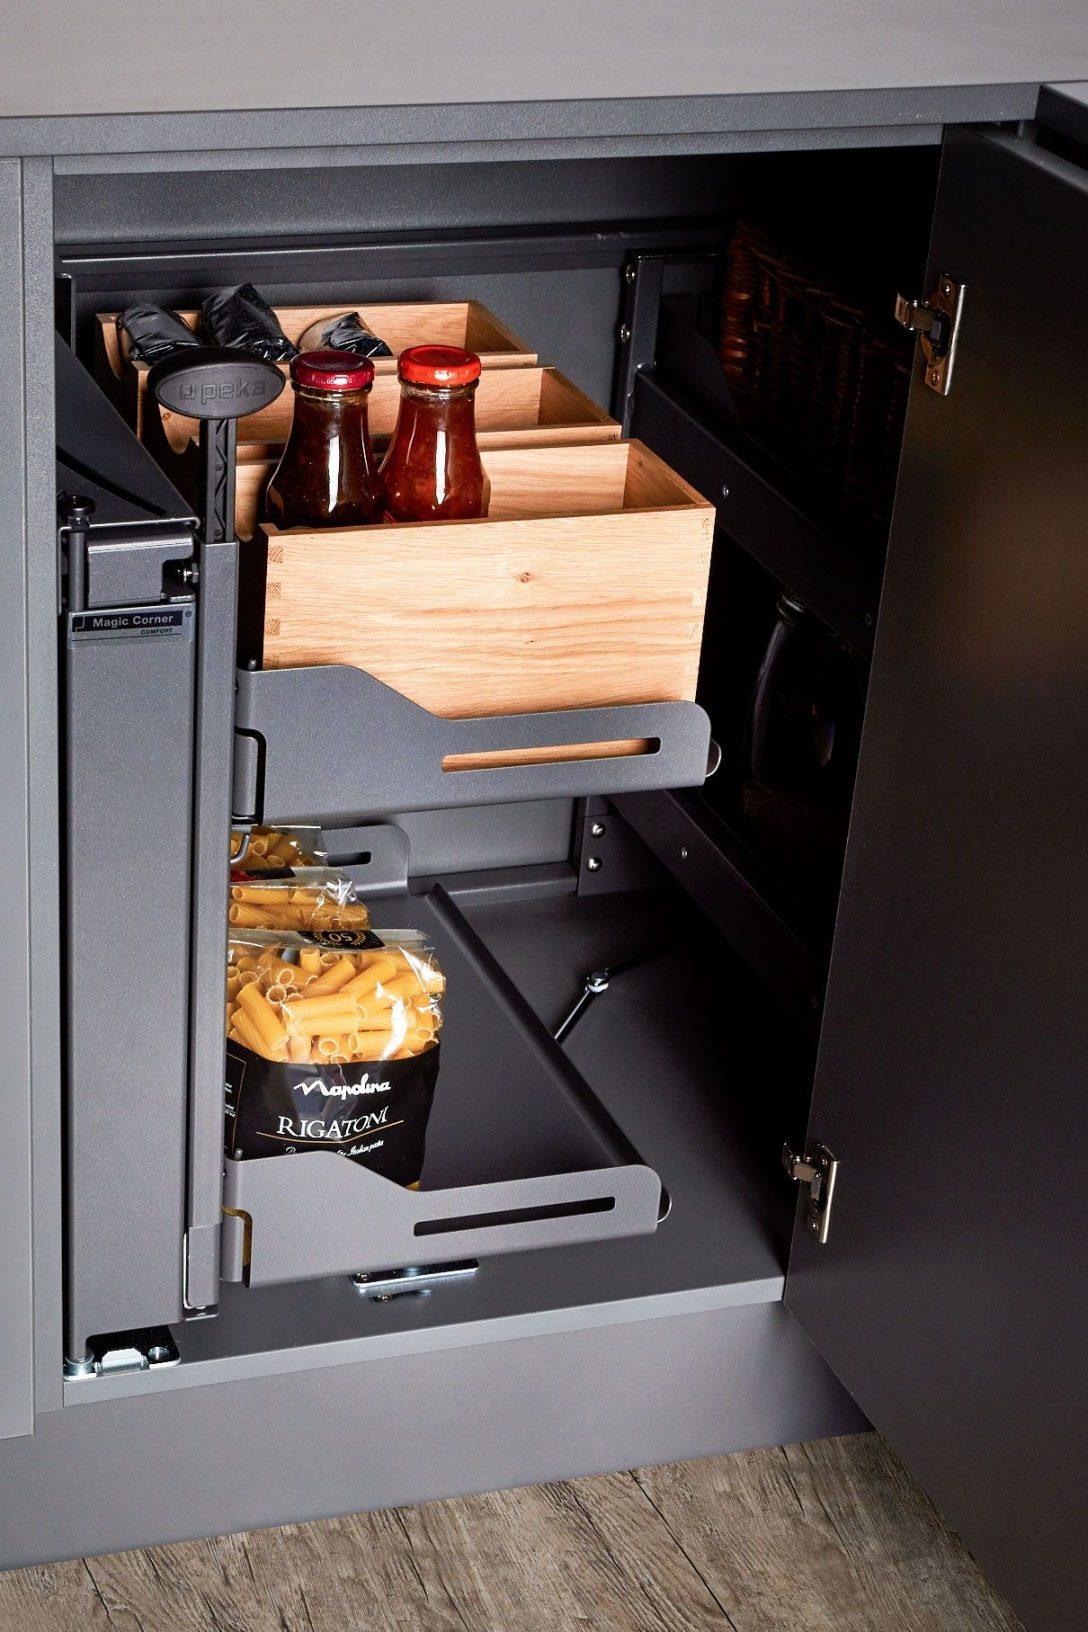 Full Size of Ikea Hacks Aufbewahrung Küche Kaufen Bett Mit Miniküche Betten 160x200 Kosten Bei Sofa Schlaffunktion Aufbewahrungssystem Modulküche Aufbewahrungsbehälter Wohnzimmer Ikea Hacks Aufbewahrung